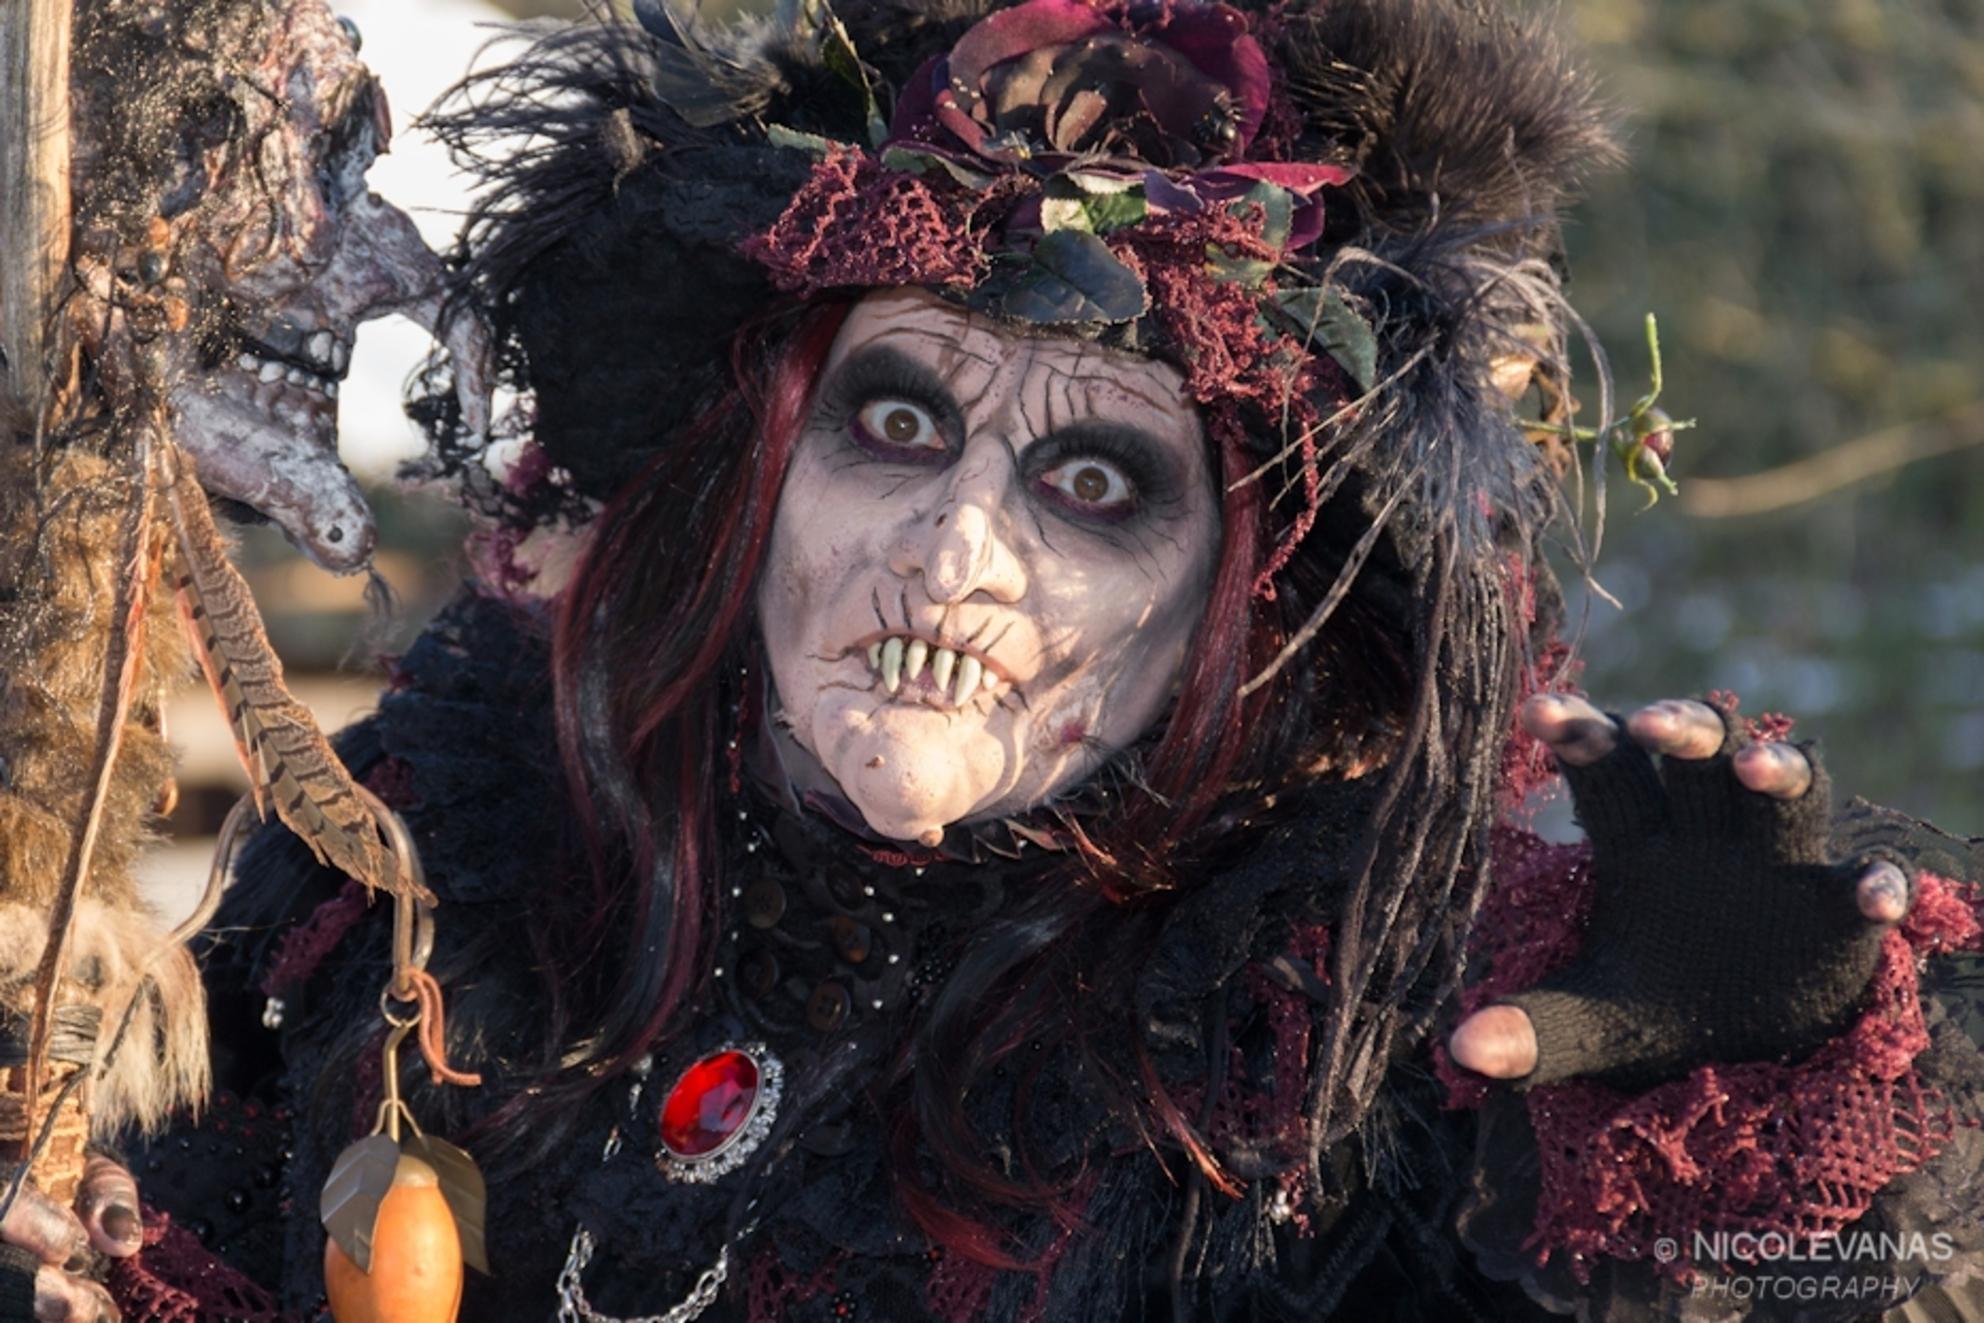 Lovely Witch - Afgelopen weekeinde was de Magische Midwinterfair in Archeon in Alphen aan den Rijn.  Een lange fantastische dag op de zaterdag, een witte sneeuwde - foto door nicole-8 op 10-12-2012 - deze foto bevat: mensen, heks, magie, archeon, verkleden, midwinterfair